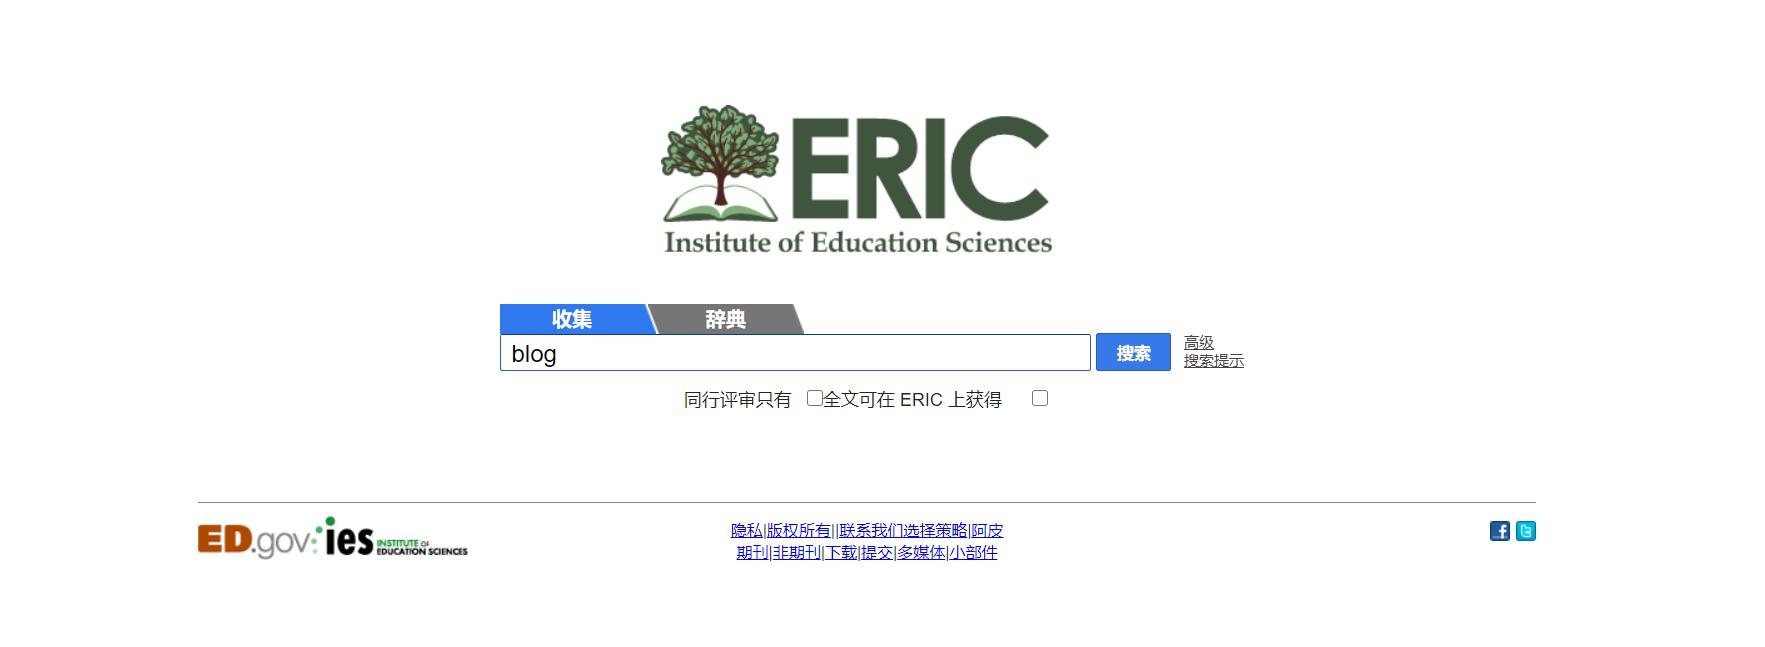 国外文献免费搜索网站-Education Resources Information Center